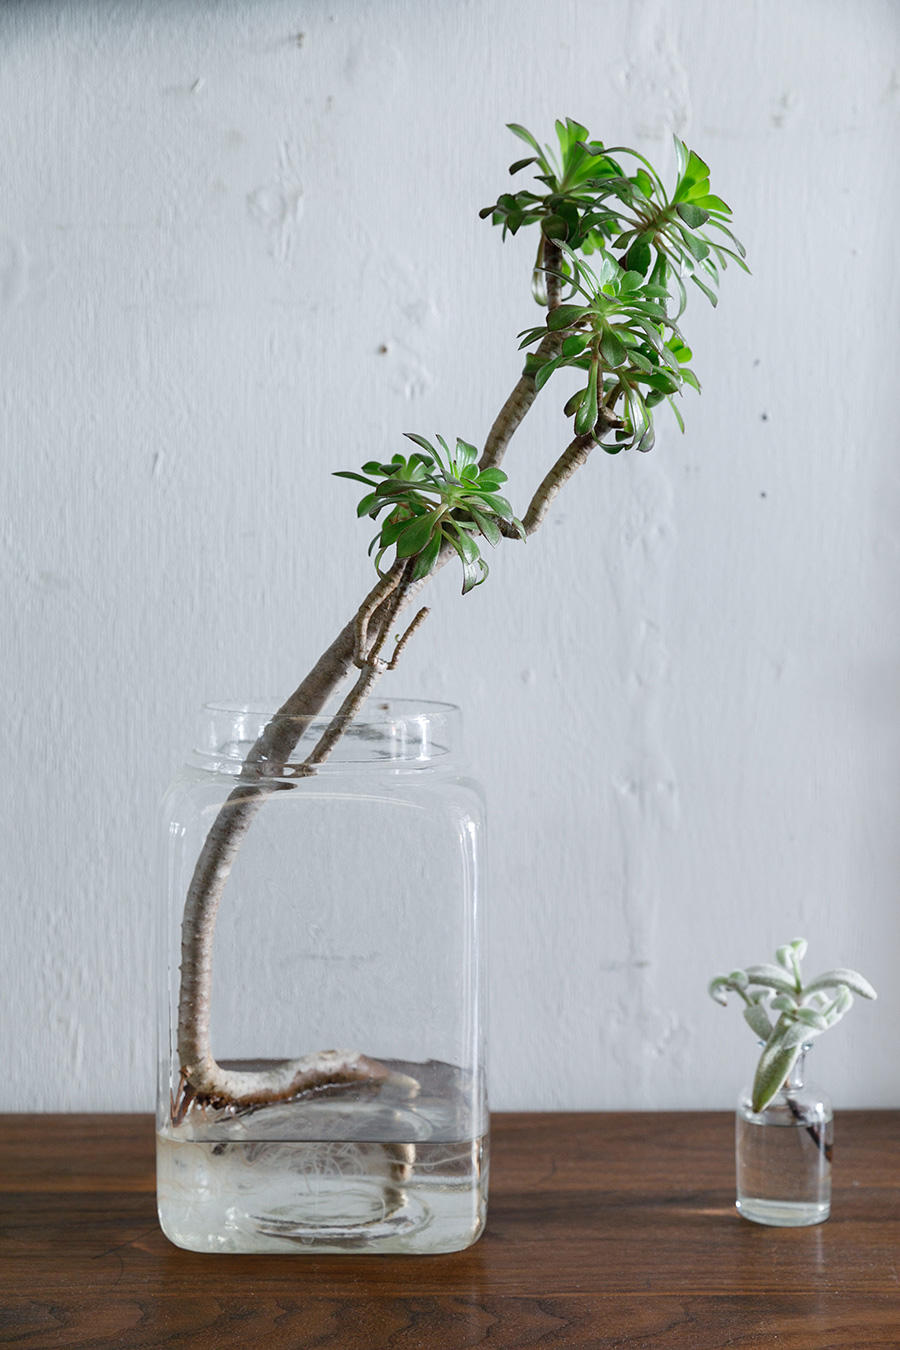 ベンケイソウ科の多肉植物、黒法師は、茎の丈夫にヒマワリのように葉をつける姿がユニーク。これも水耕栽培しやすい多肉植物。右はカランコエ。